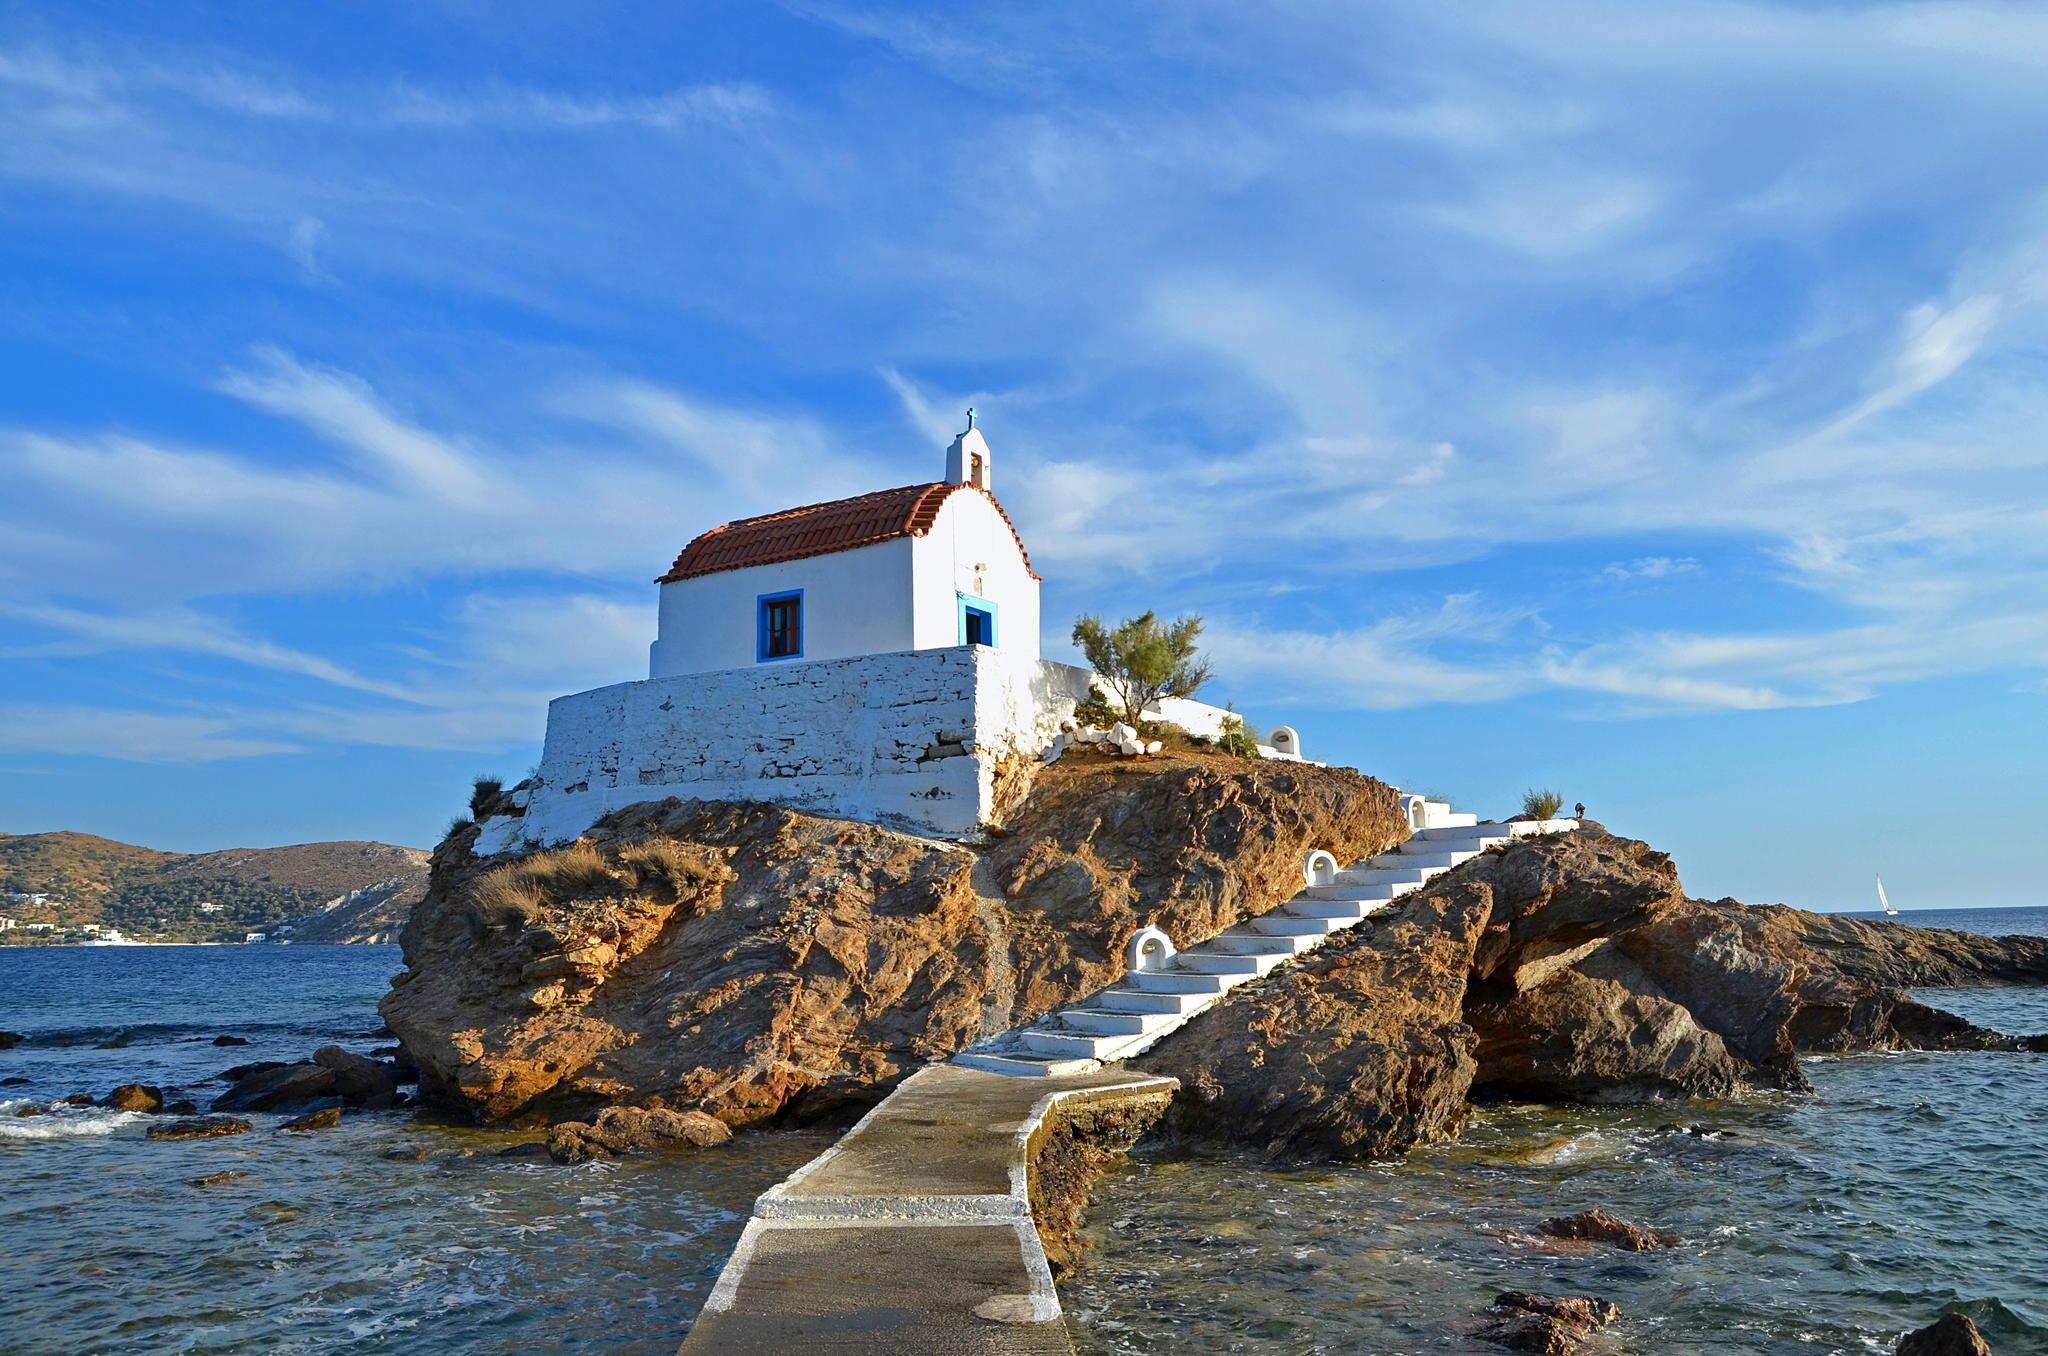 Agios Isidoros